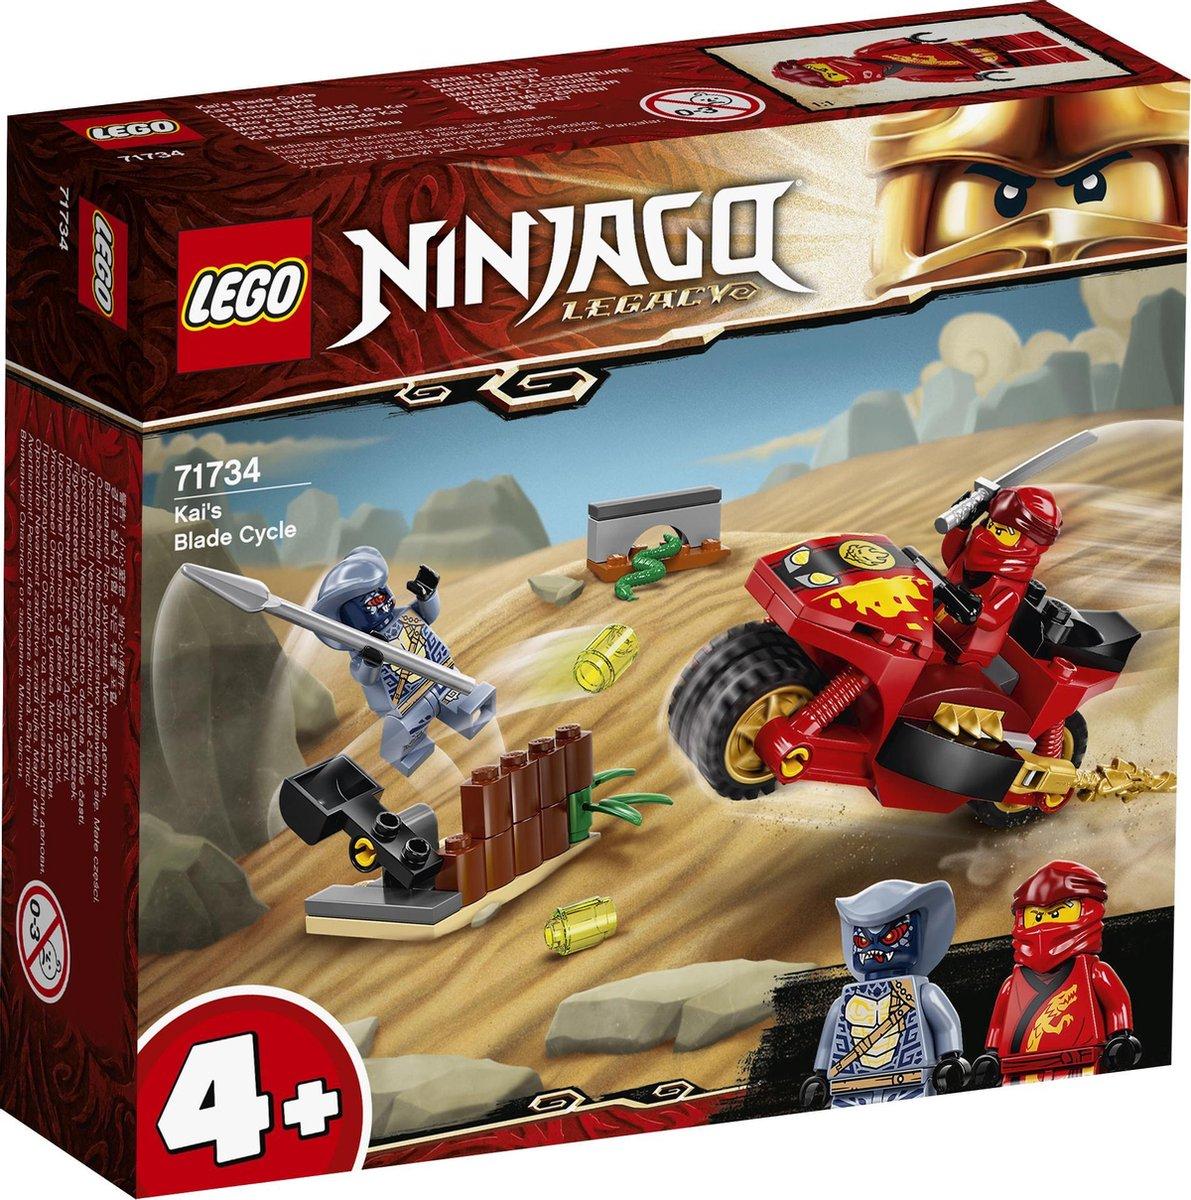 LEGO NINJAGO Legacy Kai's Zwaardmotor - 71734